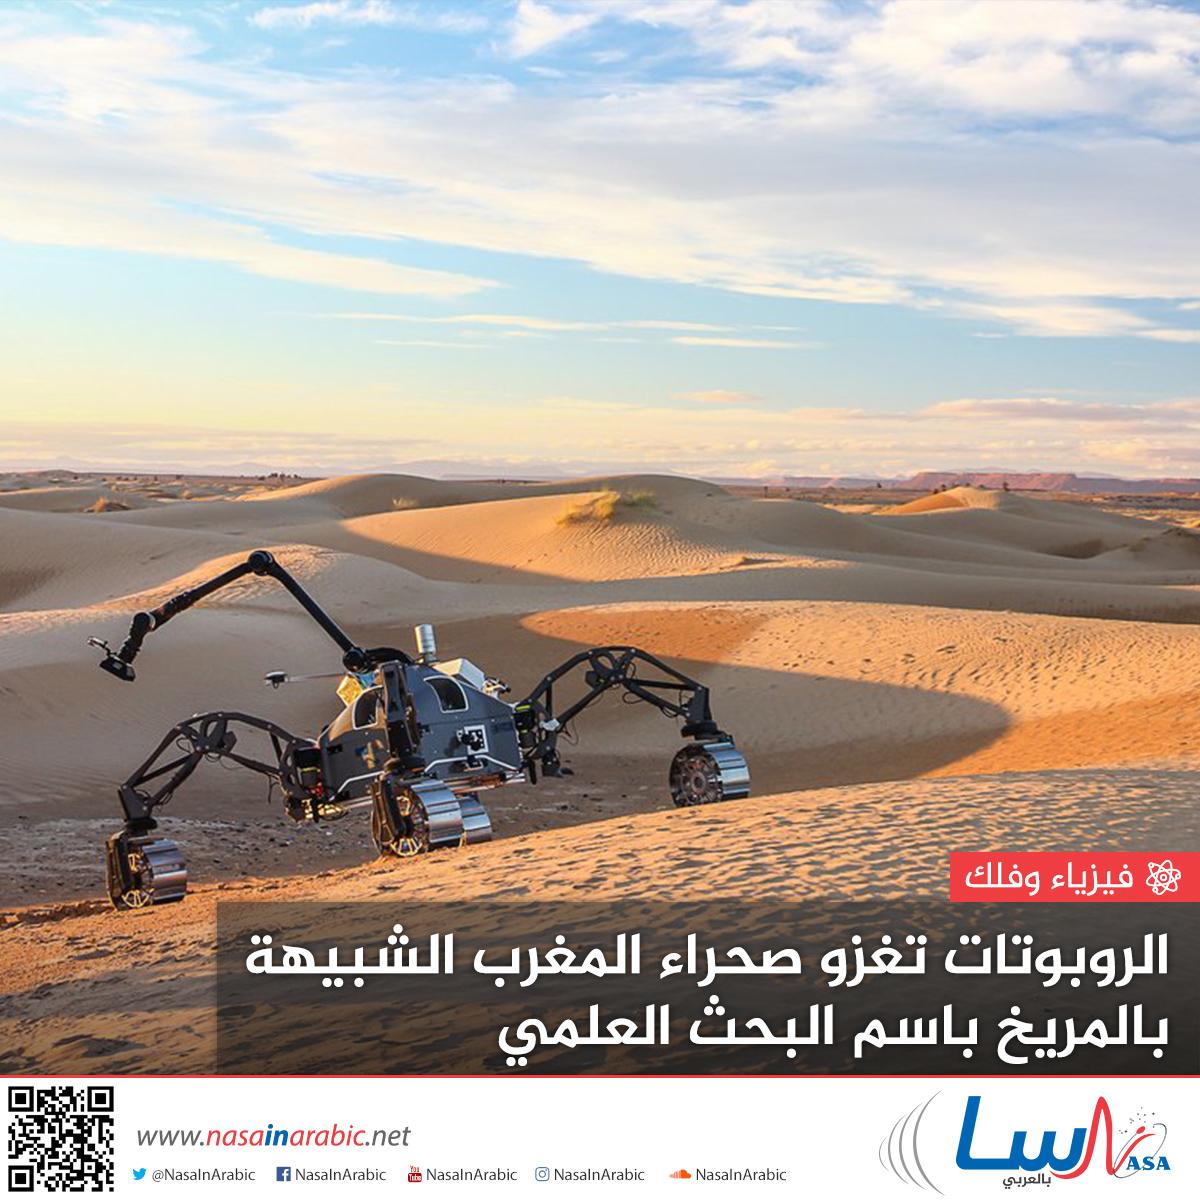 الروبوتات تغزو صحراء المغرب الشبيهة بالمريخ باسم البحث العلمي